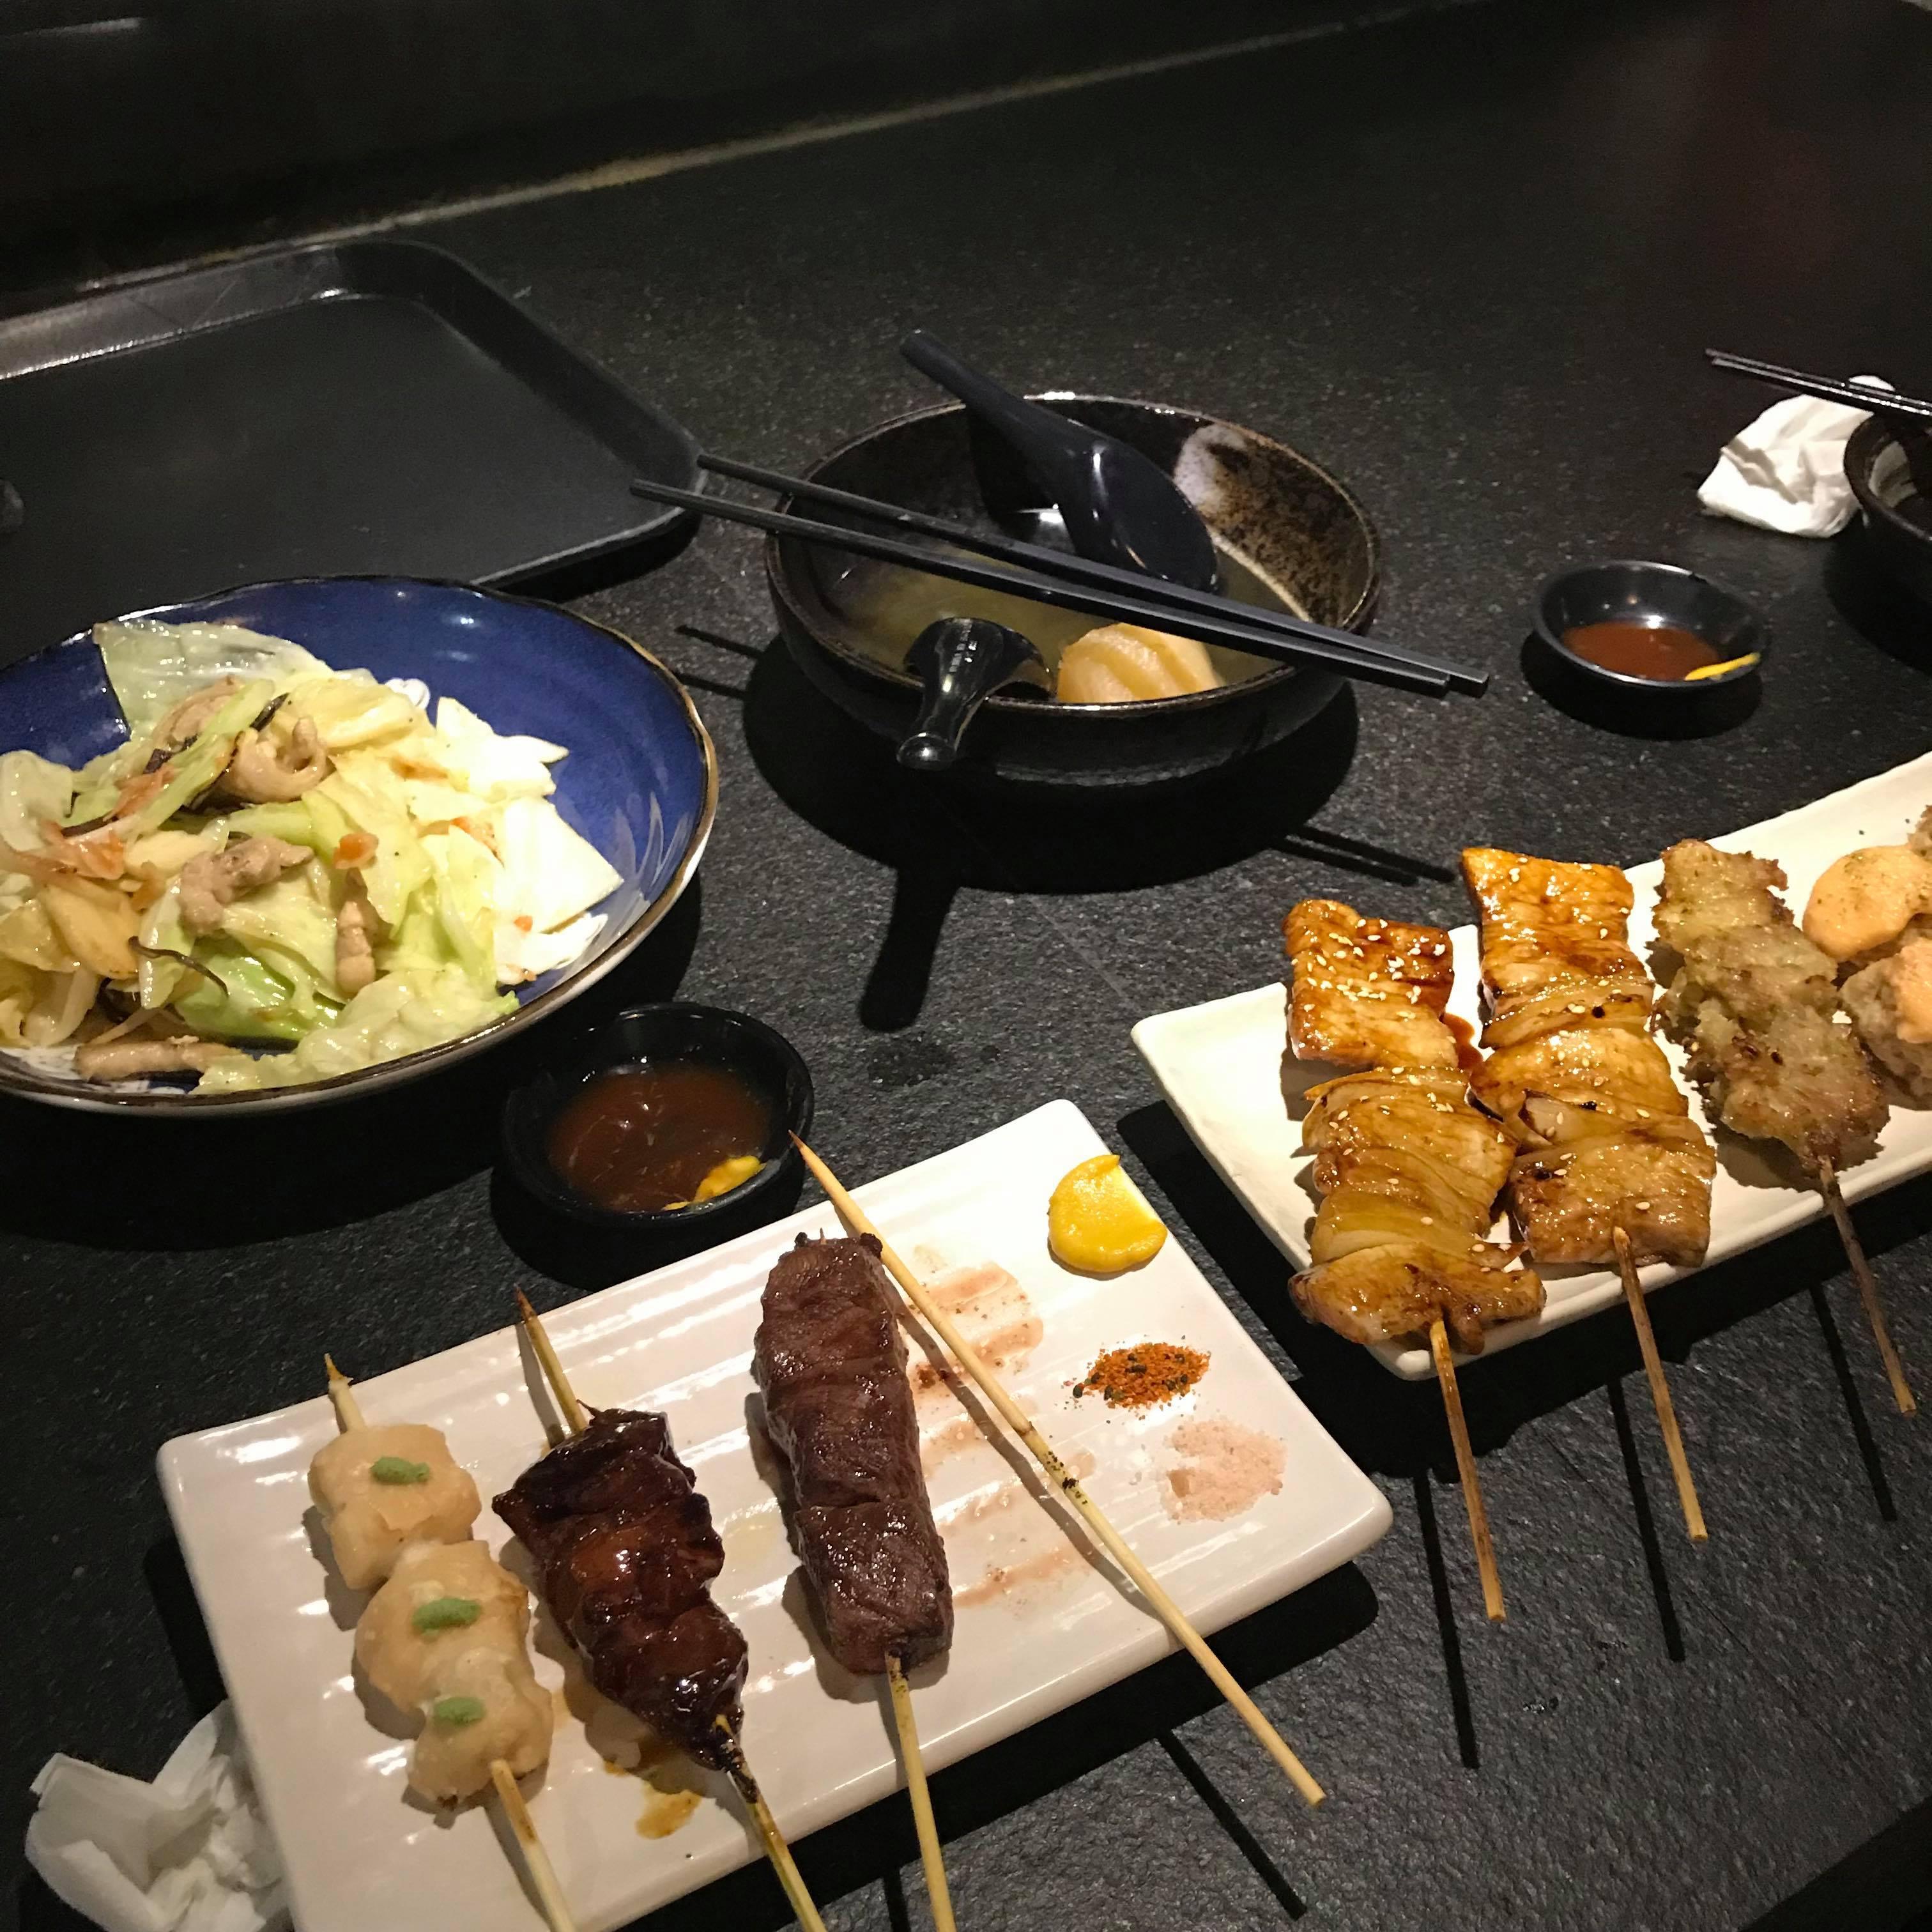 【食記】台北內湖排隊居酒屋|近捷運葫洲站|太鼓判 ODEN BAR|關東煮、烤串、炸物通通好吃